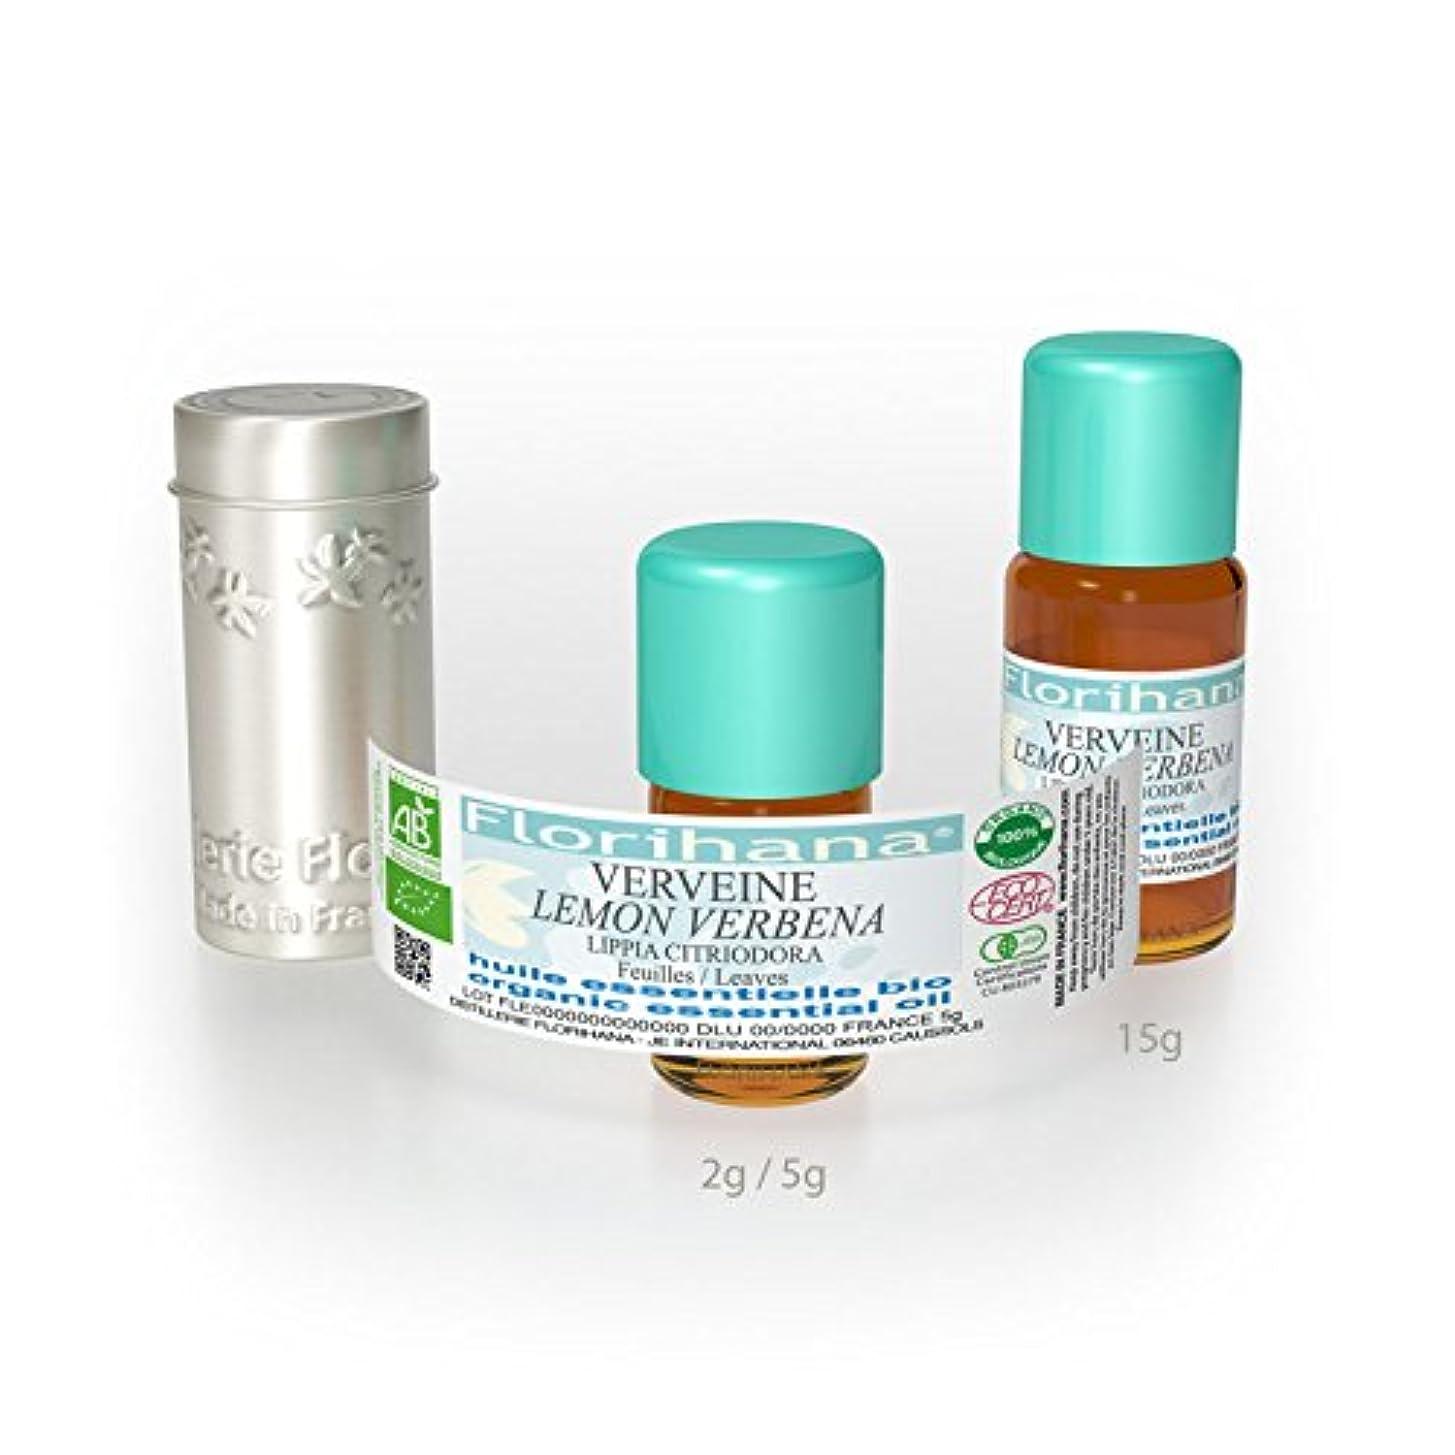 取るすべて通常オーガニック エッセンシャルオイル レモンバーベナ 2g(2.2ml)